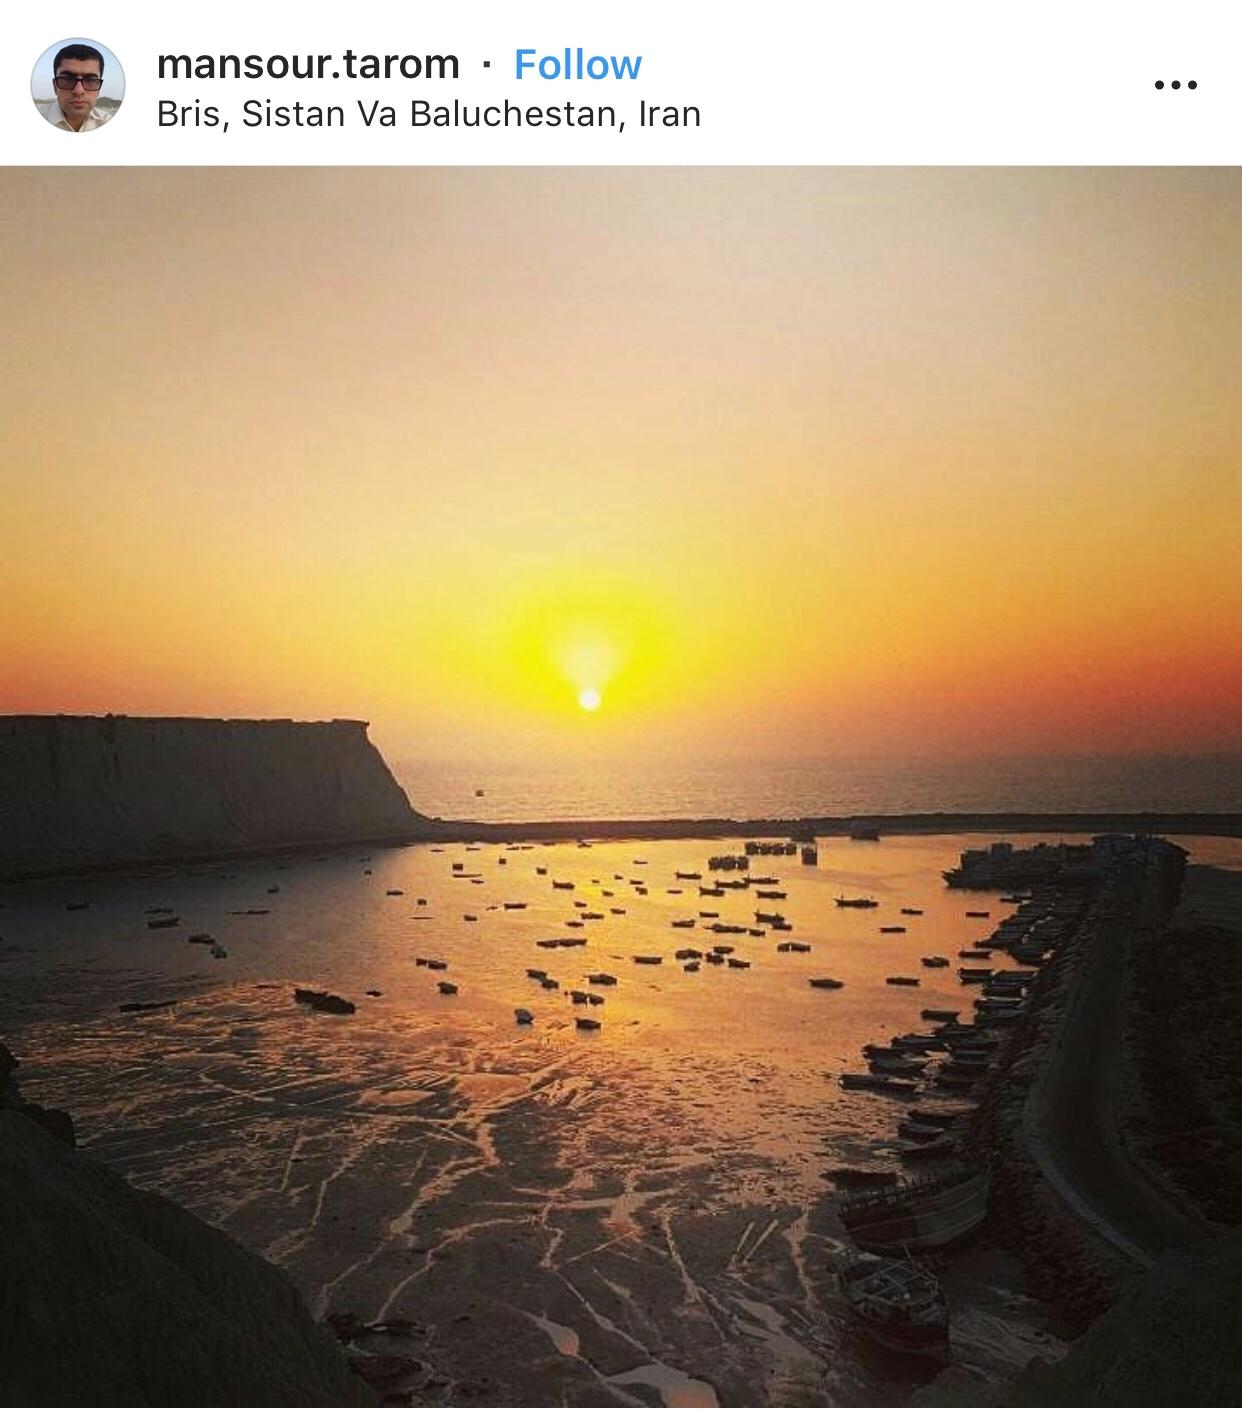 عدسة إيرانية: ساحل برس في سيستان و بالوشستان جنوبي إيران 1